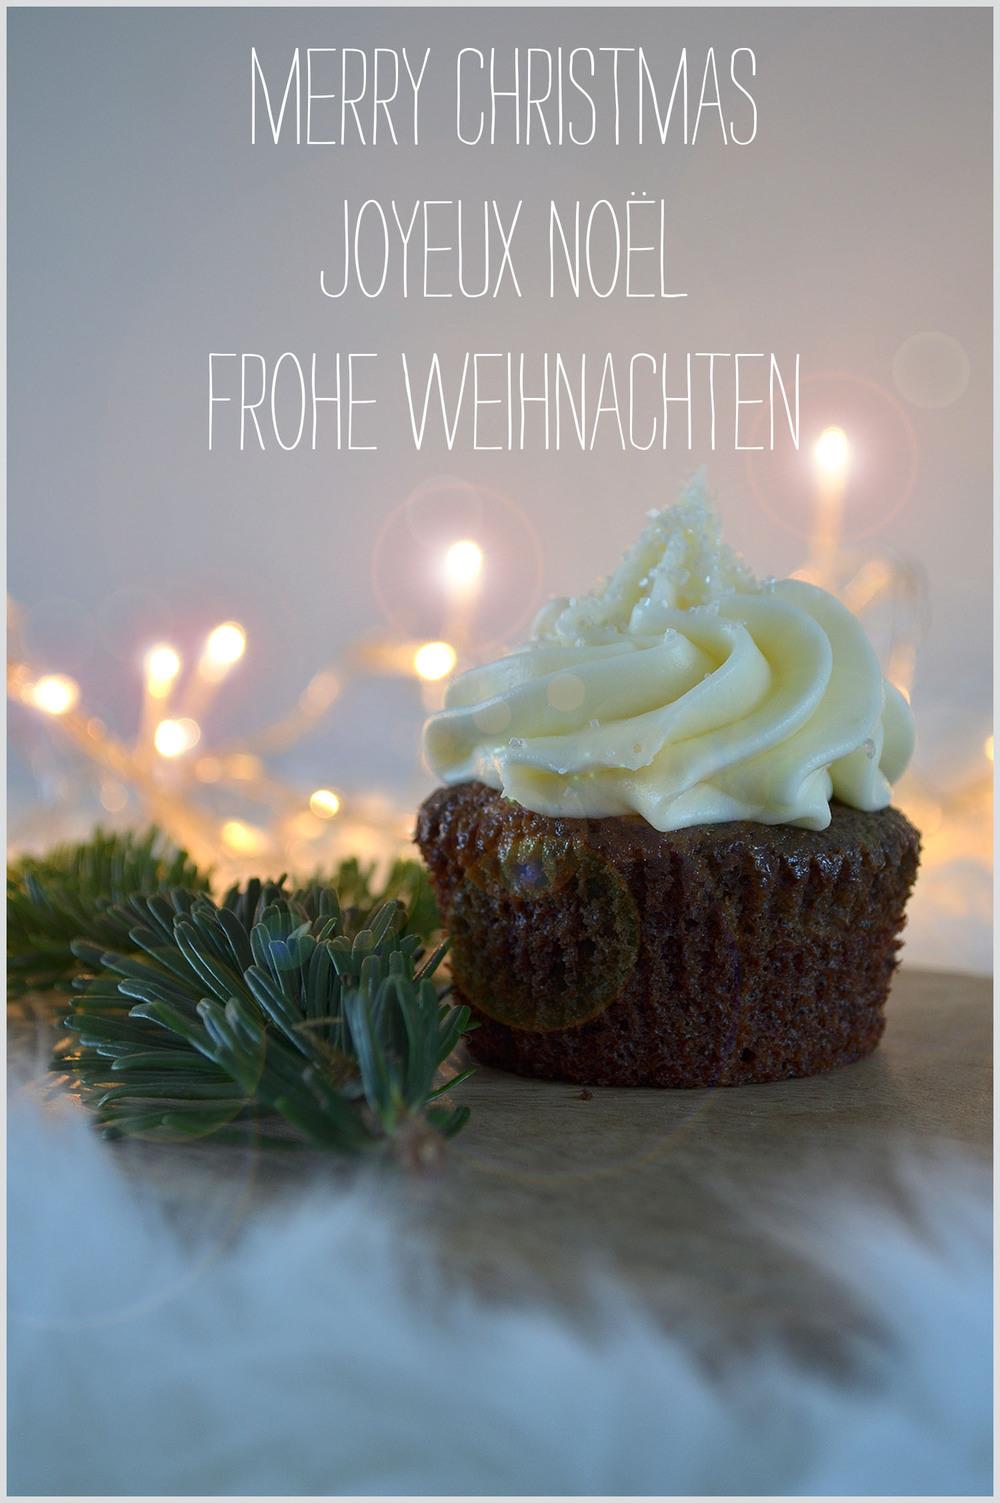 Xmas Cupcake Merry Christmas.jpg